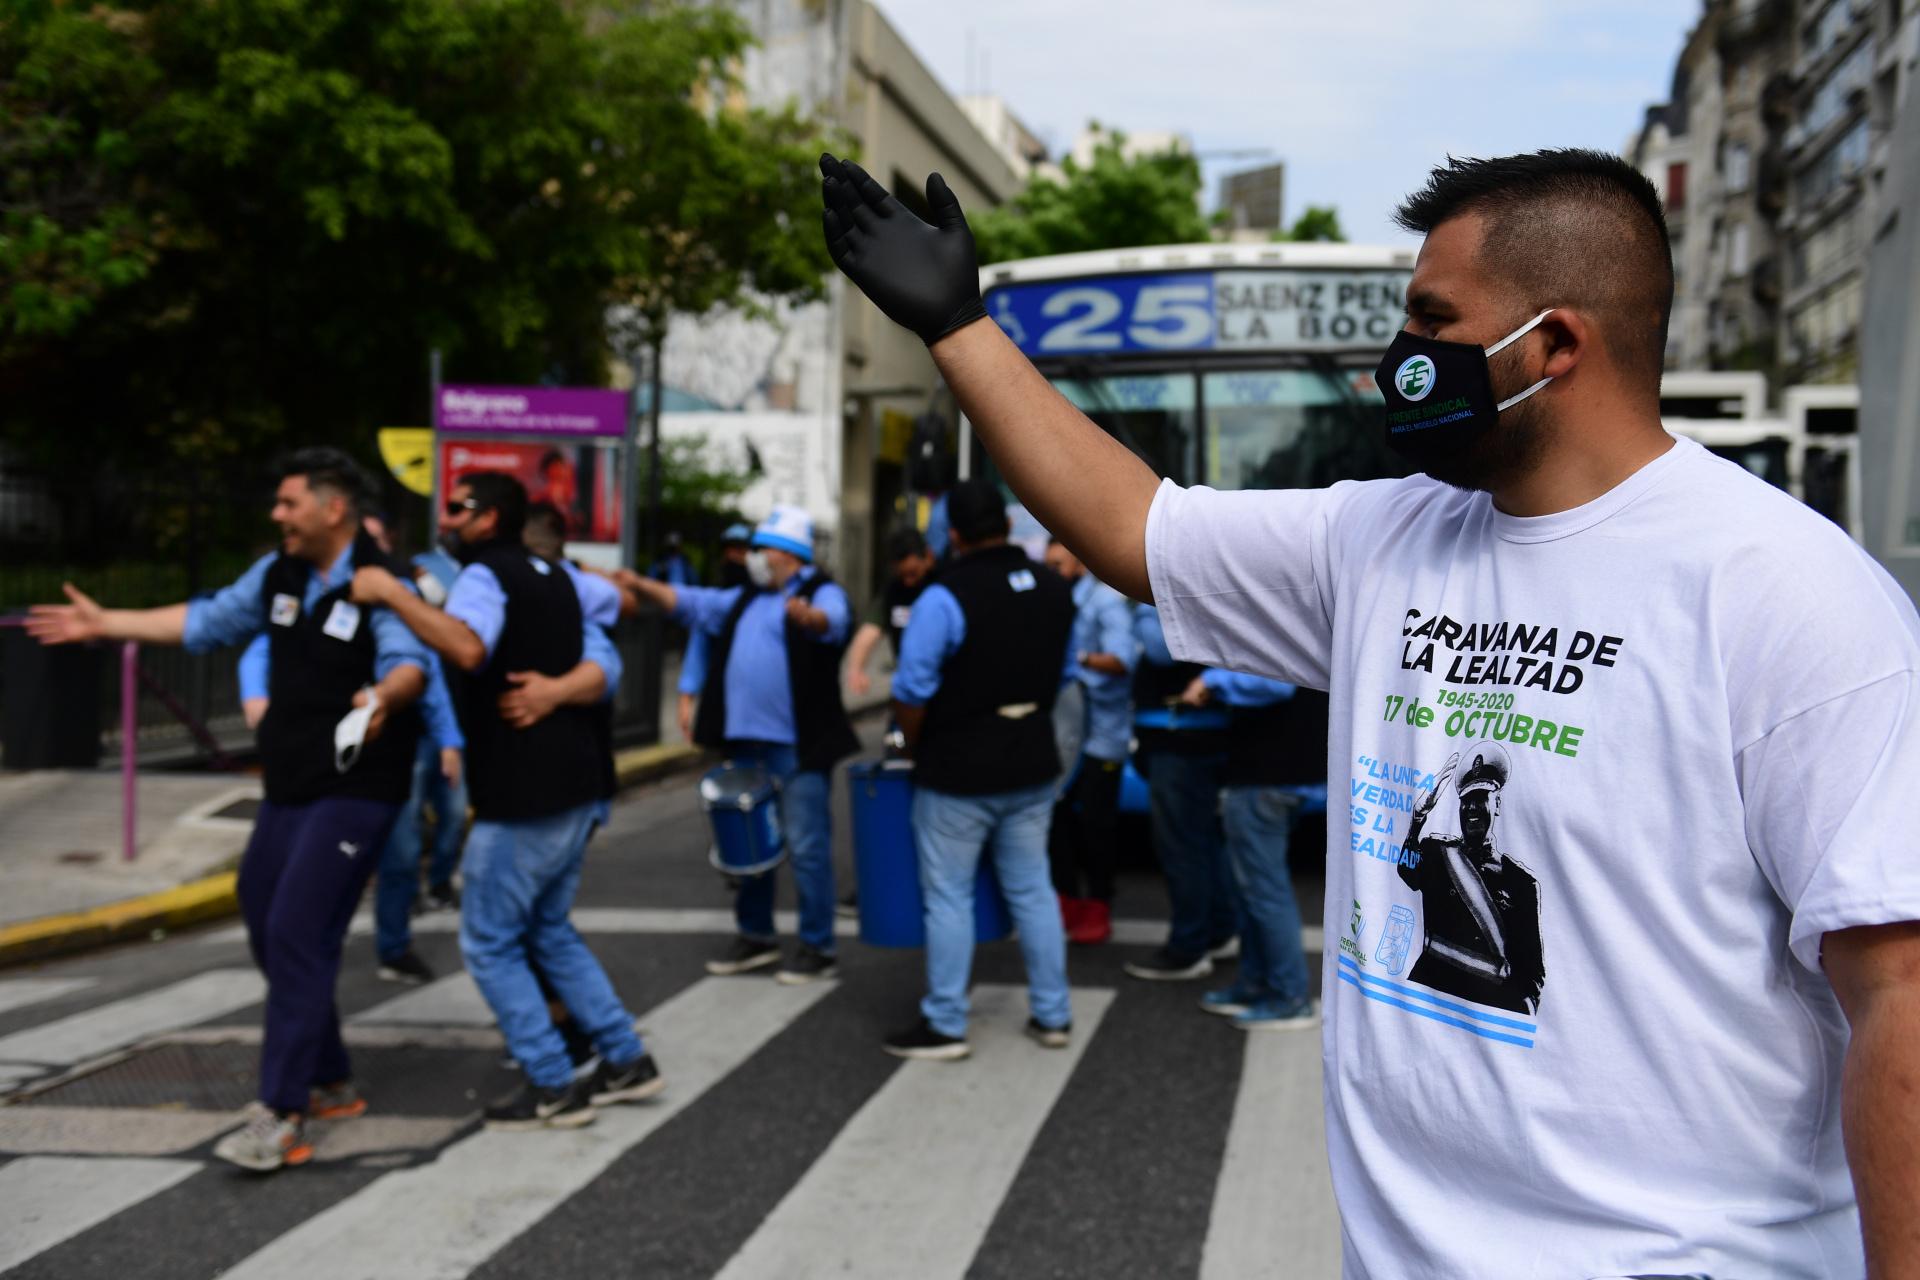 Con merchandising propio: muchos de los manifestantes lucieron remeras acordes a la ocasión, con la imagen de Juan Domingo Perón estampada en el pecho